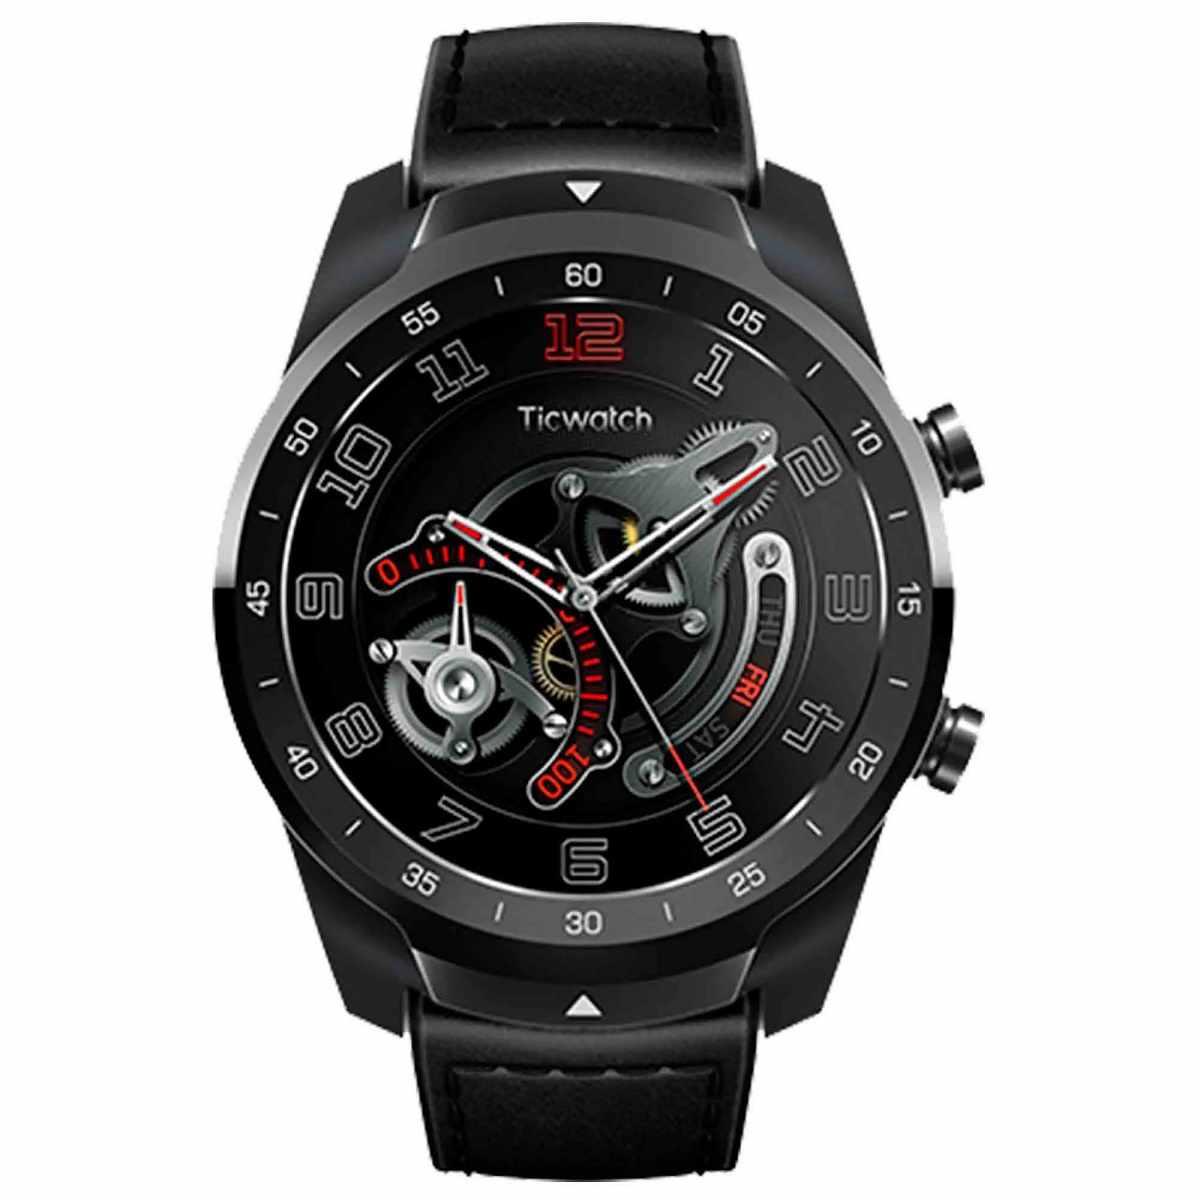 Relógio Smartwatch Mobvoi Ticwatch PRO PXPX Com GPS integrado Preto Couro